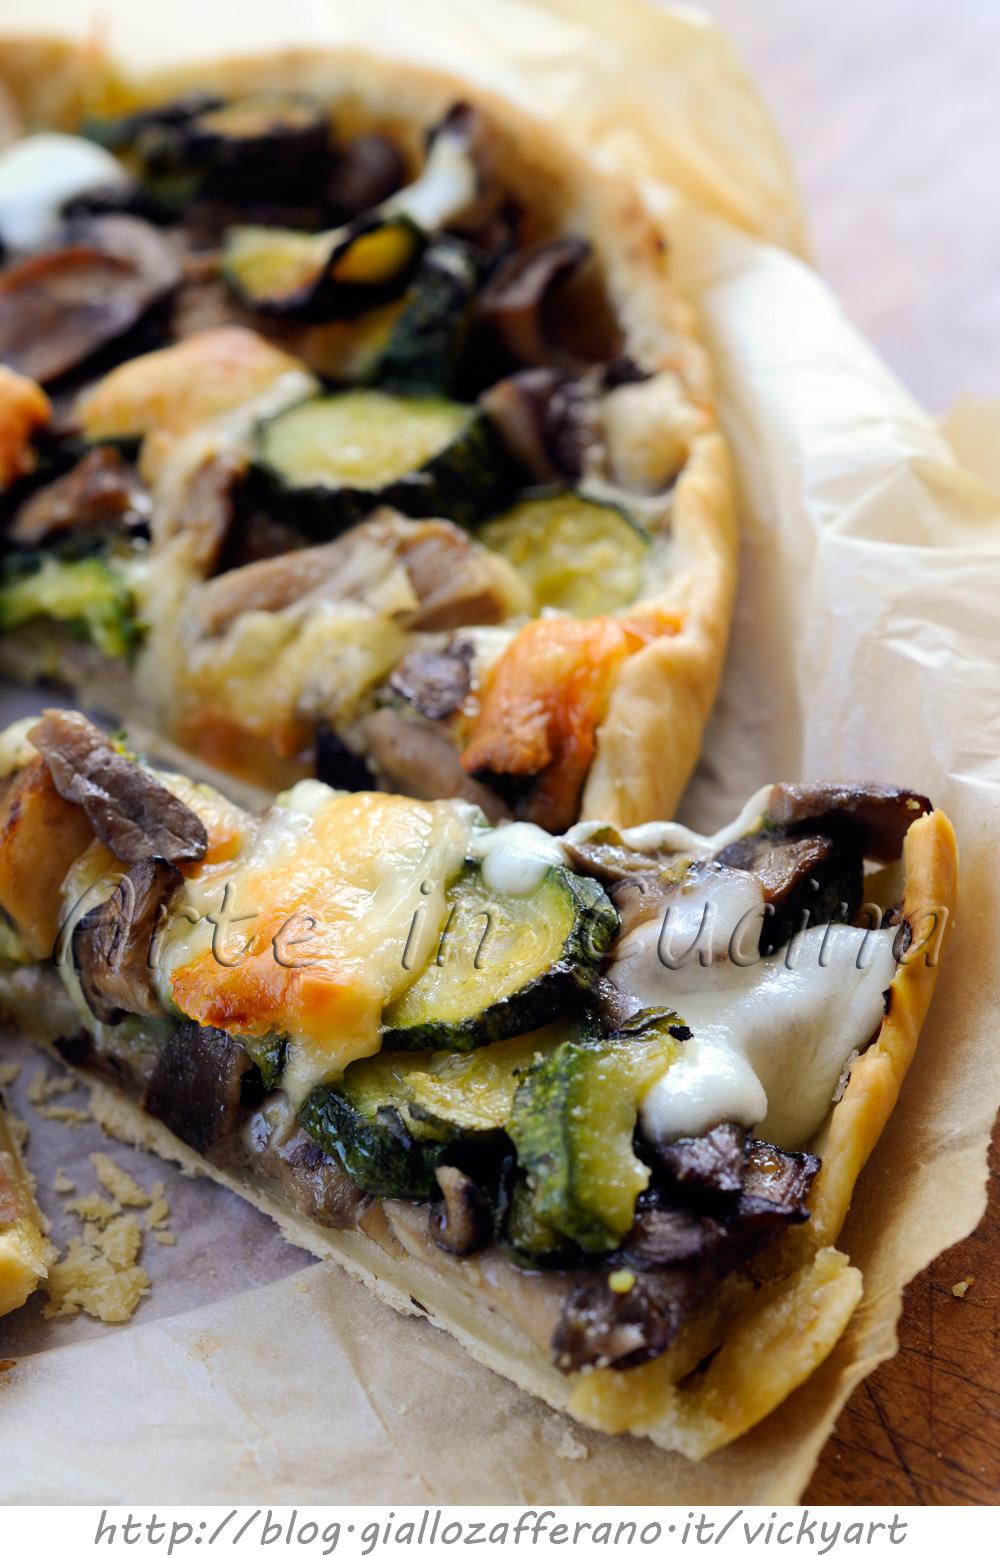 torta-salata-zucchine-funghi-scamorza-prosciutto-senza-uova-burro-2